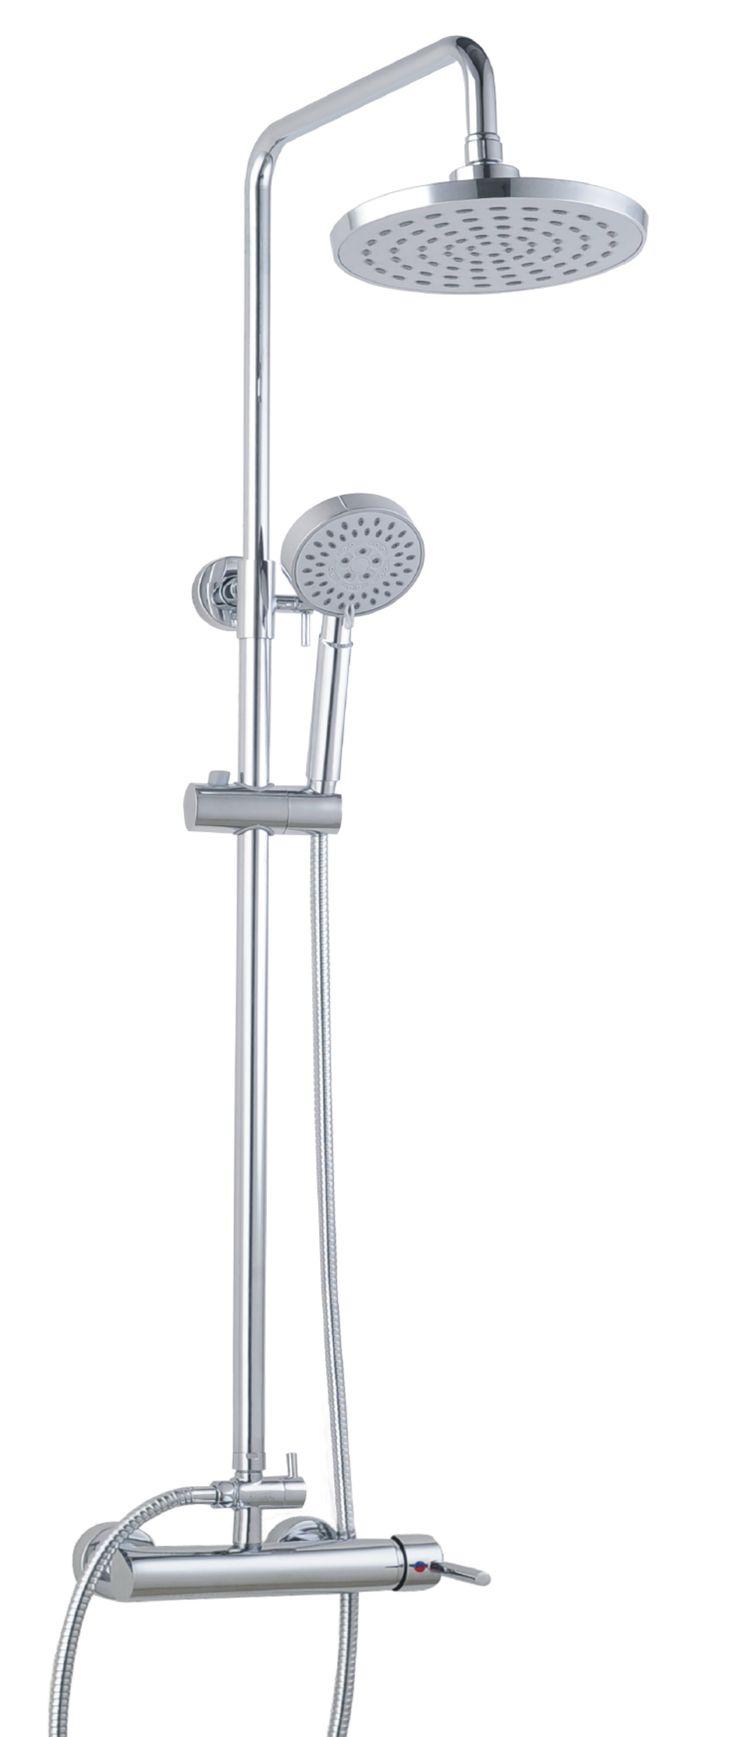 Aki bricolaje jardiner a y decoraci n combinado de ducha - Grifo de la ducha ...